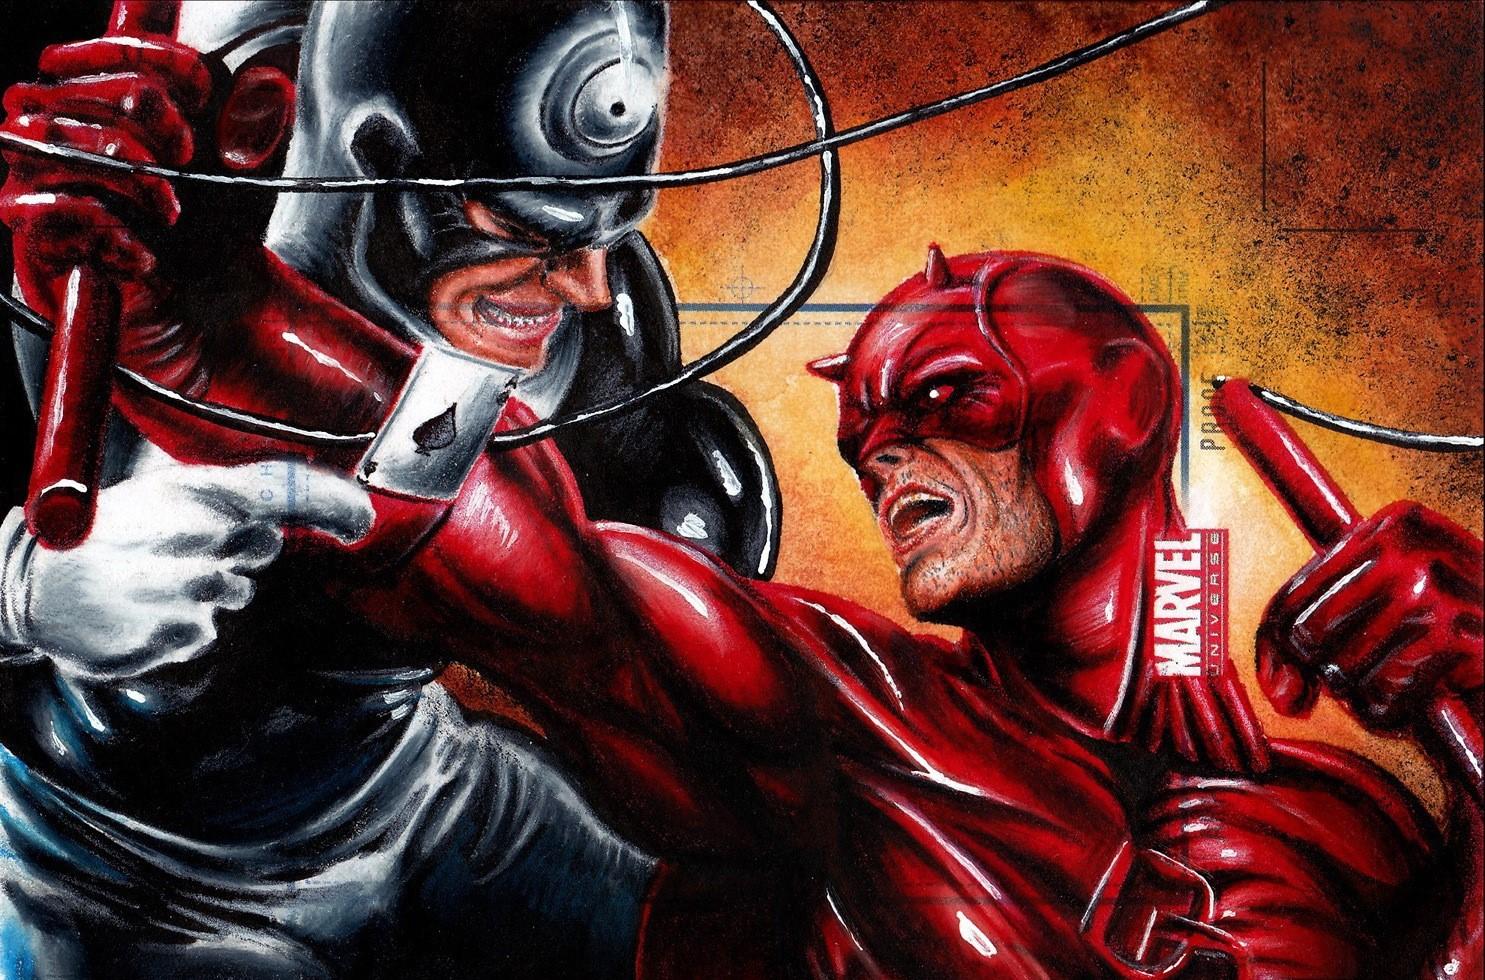 Bullseye vs. Daredevil